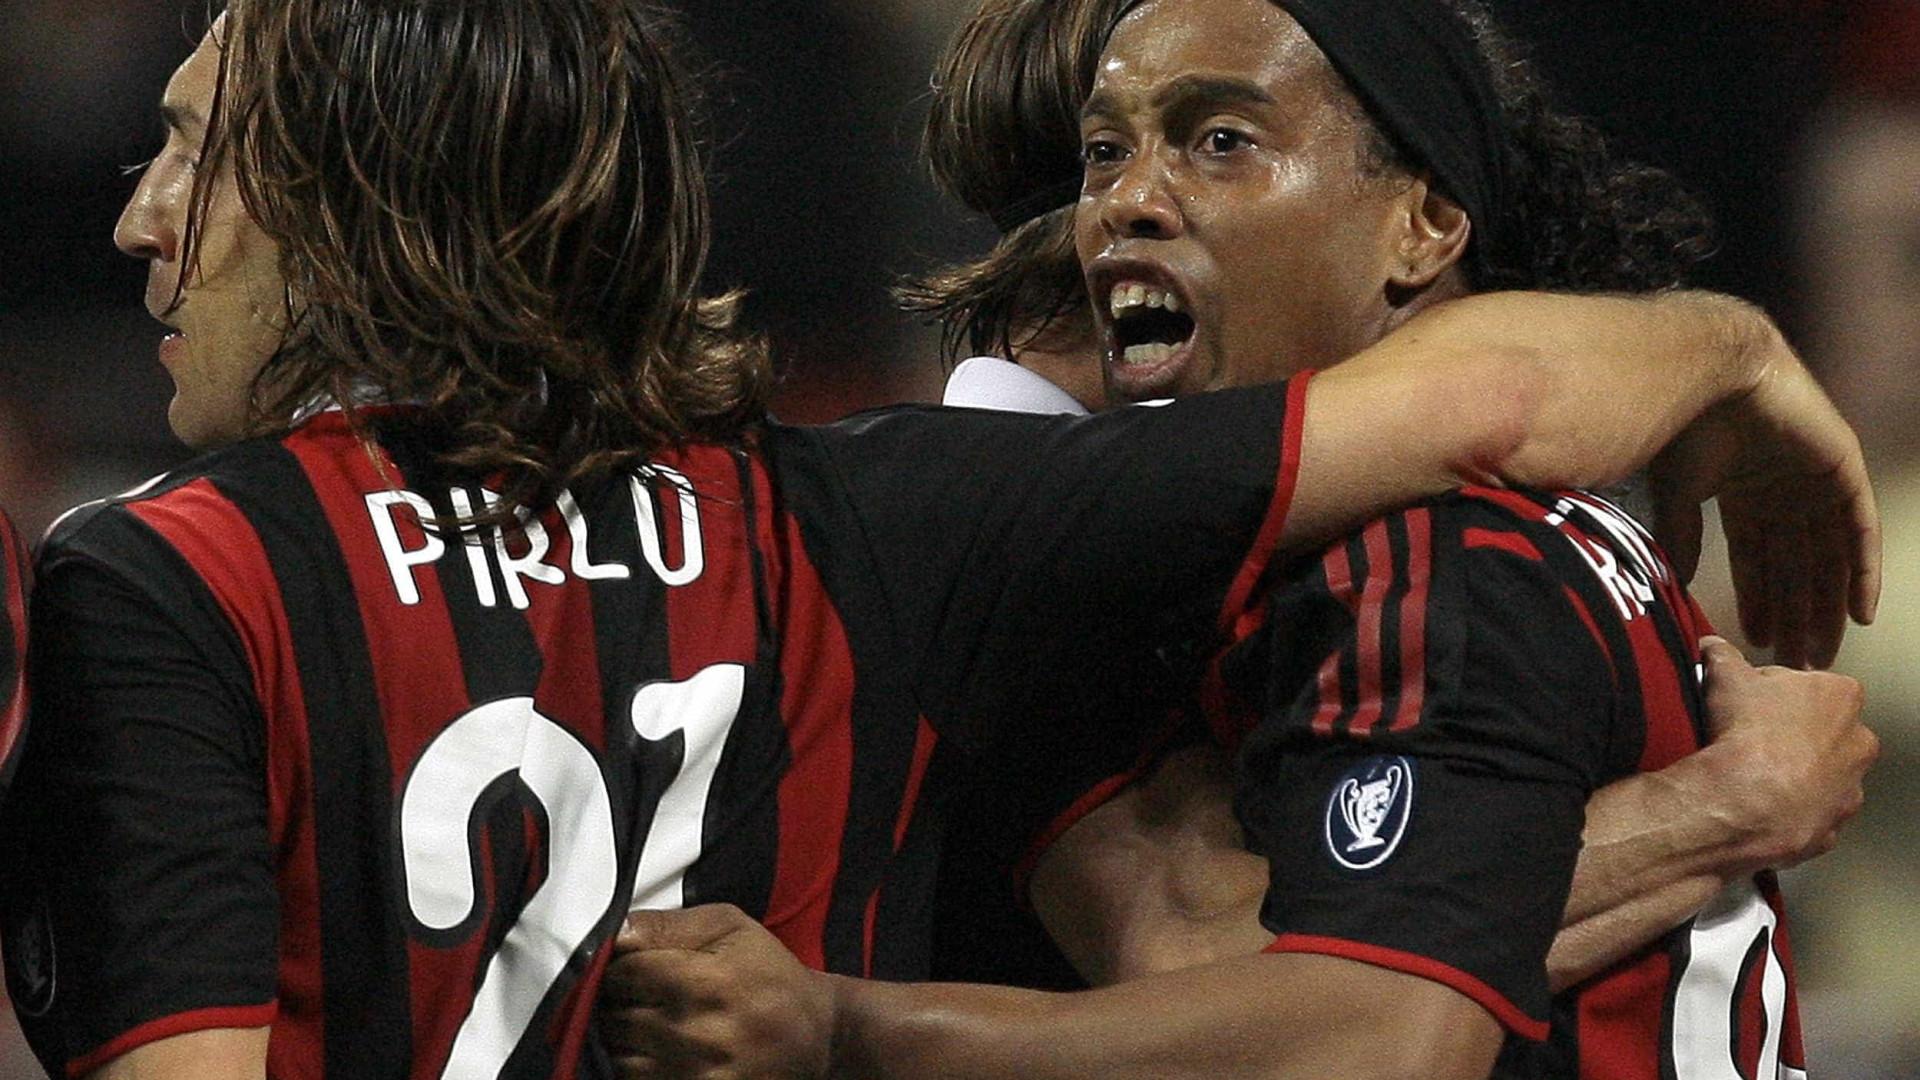 Ronaldinho manda recado a Pirlo: 'Tive prazer de  jogar contigo'